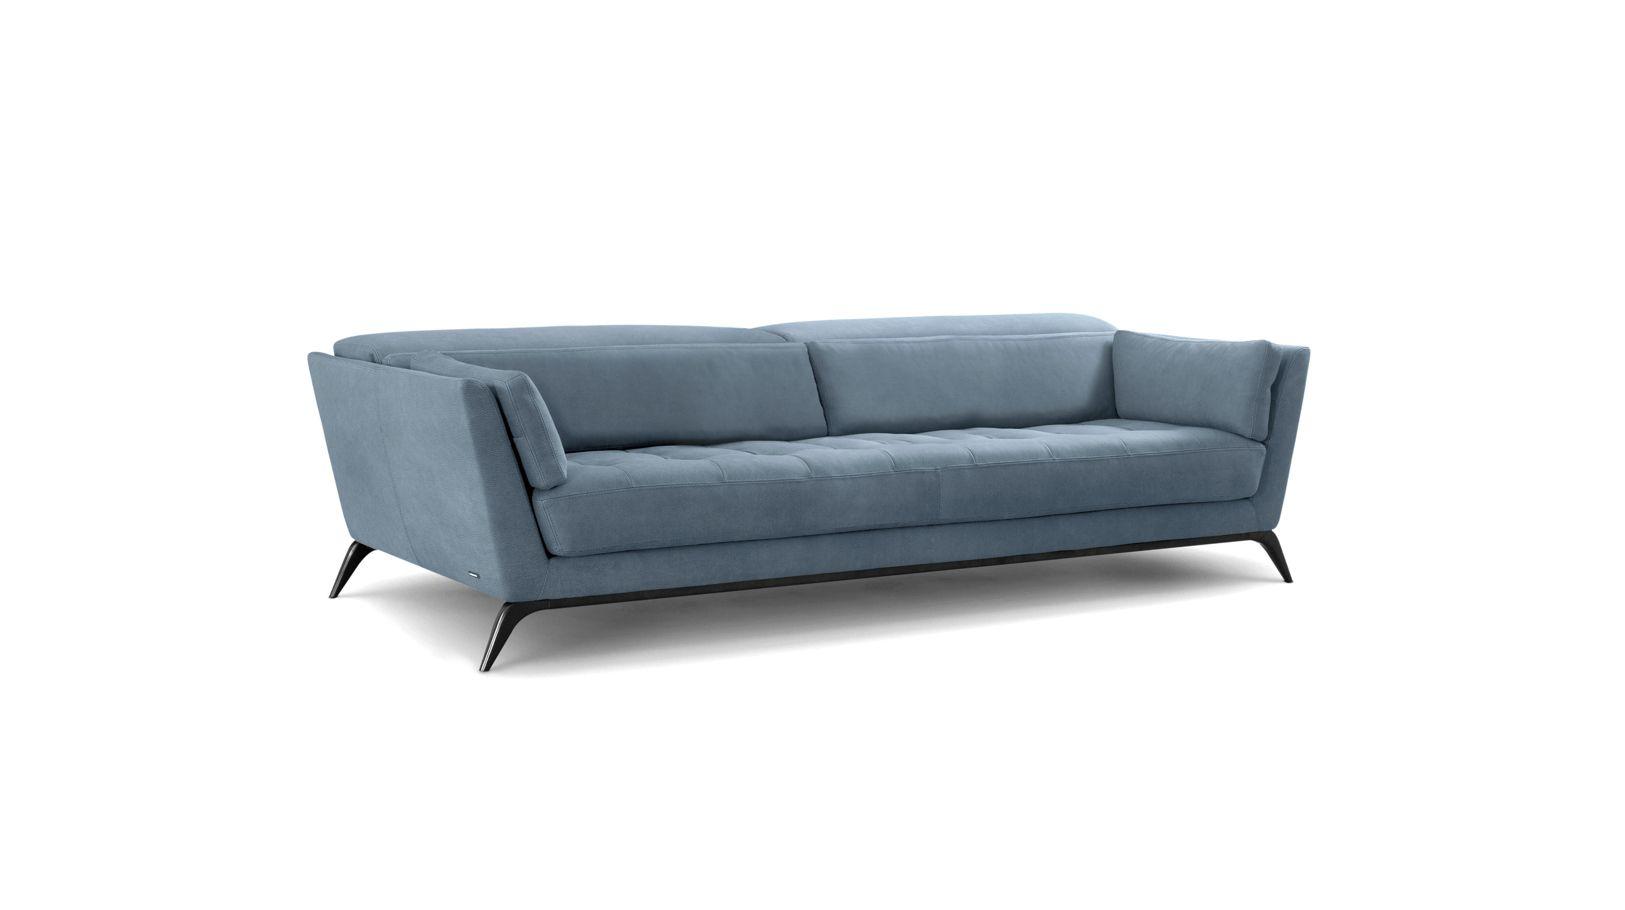 Syllabe large 3 seat sofa nouveaux classiques collection - Sofas de roche bobois ...